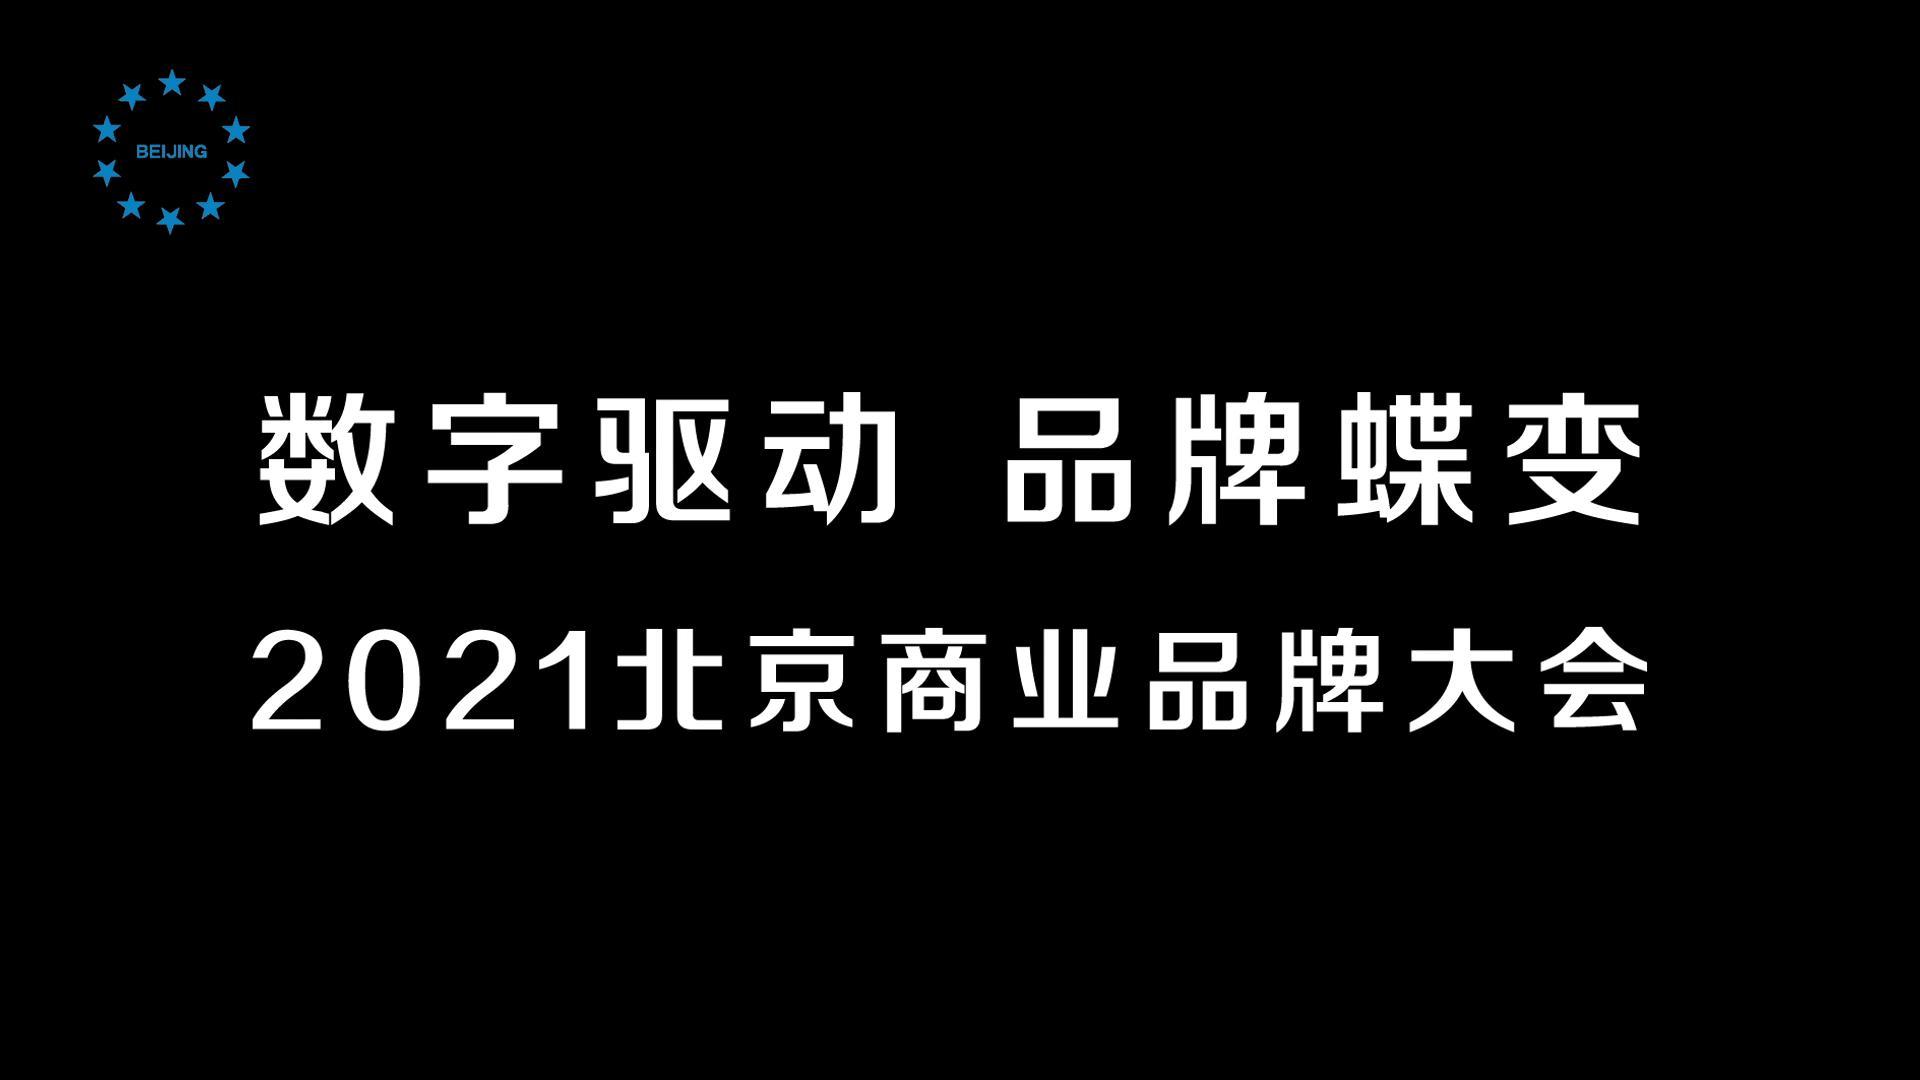 数字驱动,品牌蝶变—2020年度(第十六届)北京十大商业品牌即将揭晓